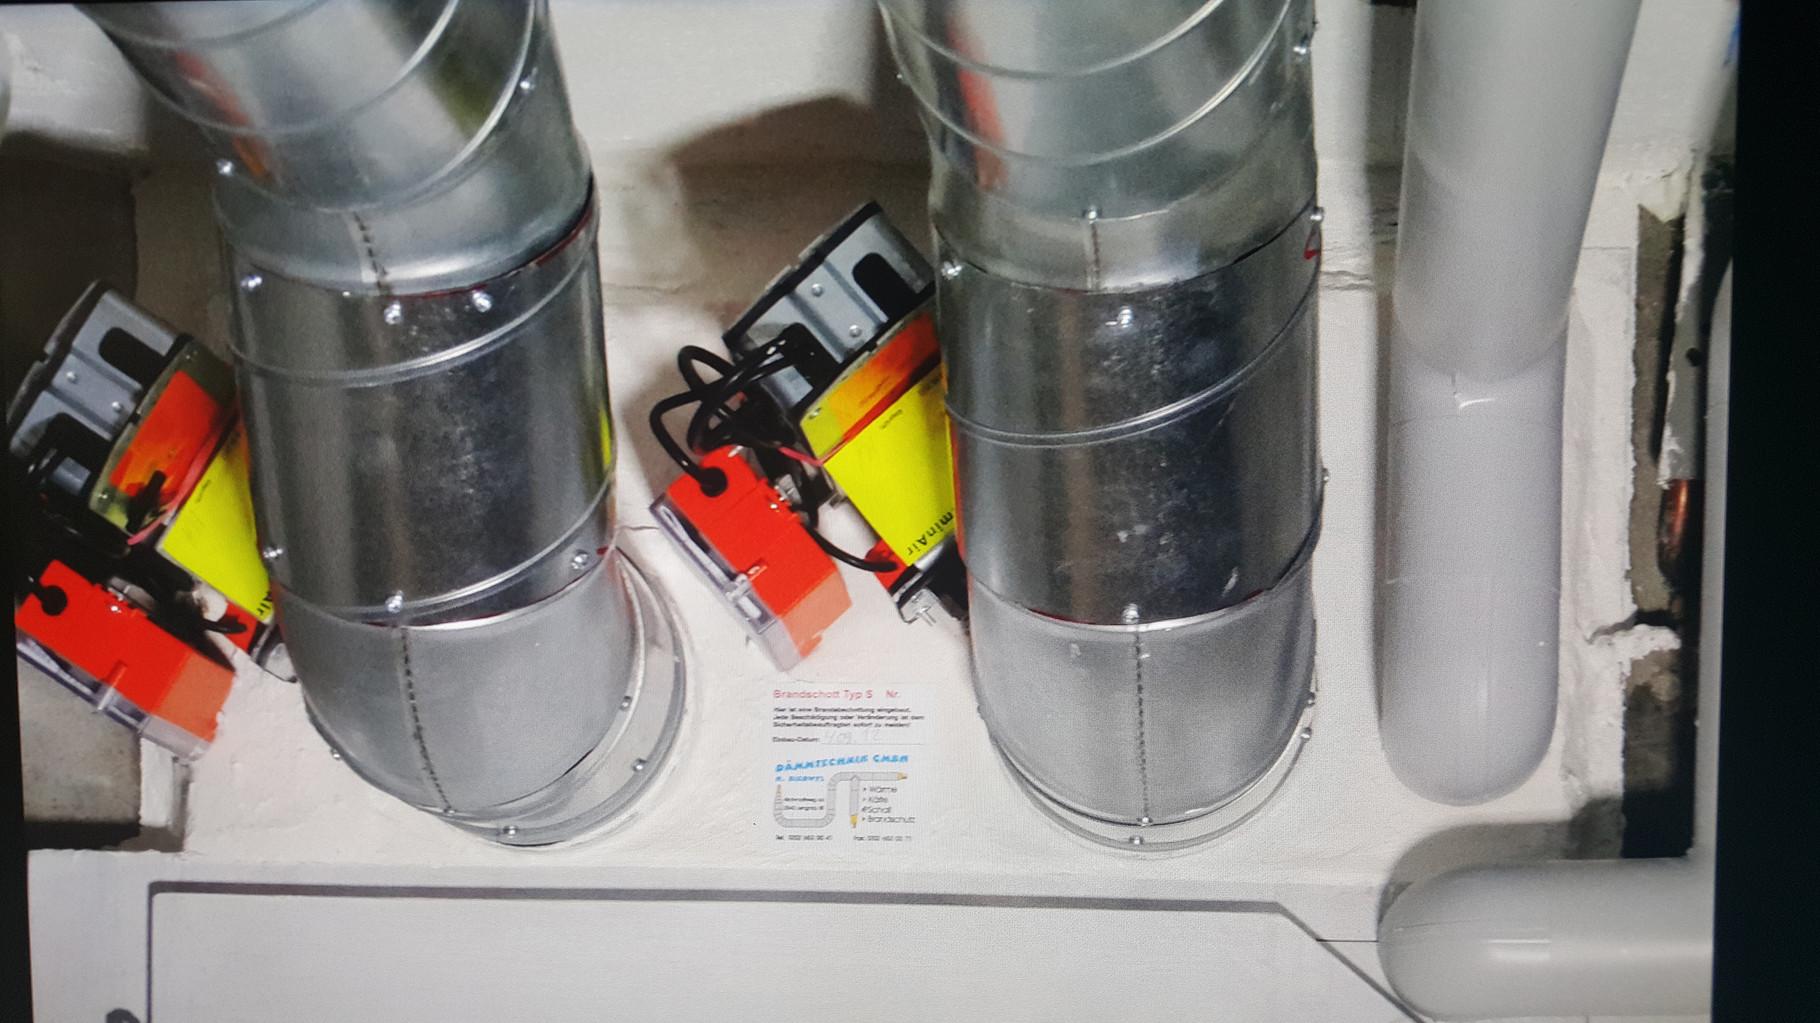 Brandschutzabschottung mit Brandschutzklappen von Lüftungsanlage